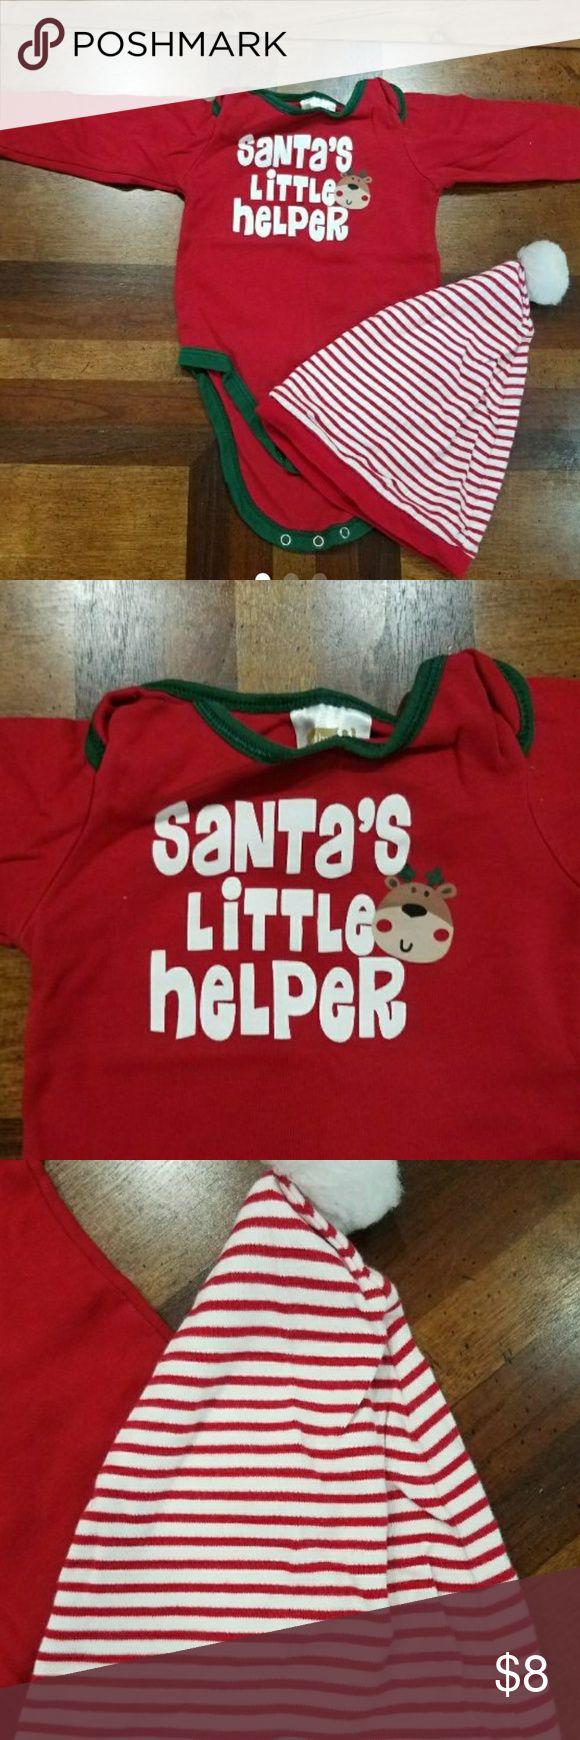 EUC Santas Little Helper LS Onesie and Hat EUC Santas Little Helper LS Christmas onesie with hat.  Size is 6-9 months. One Pieces Bodysuits